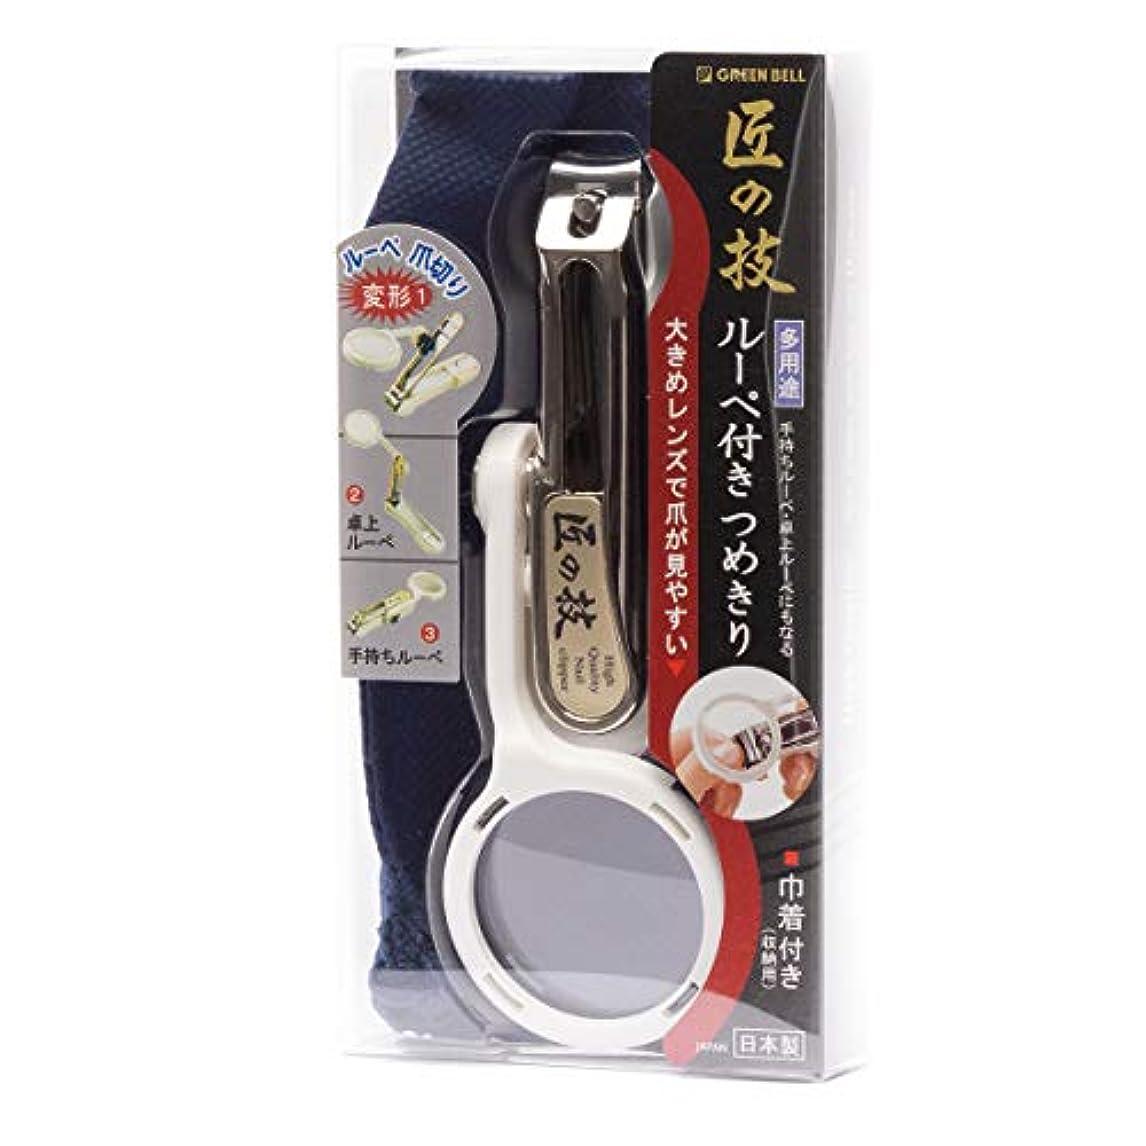 壊れたファン相談するMIDI-ミディ 匠の技 ルーペ付き つめきり 白 メガネ拭き セット (p-880122,p-k0055)